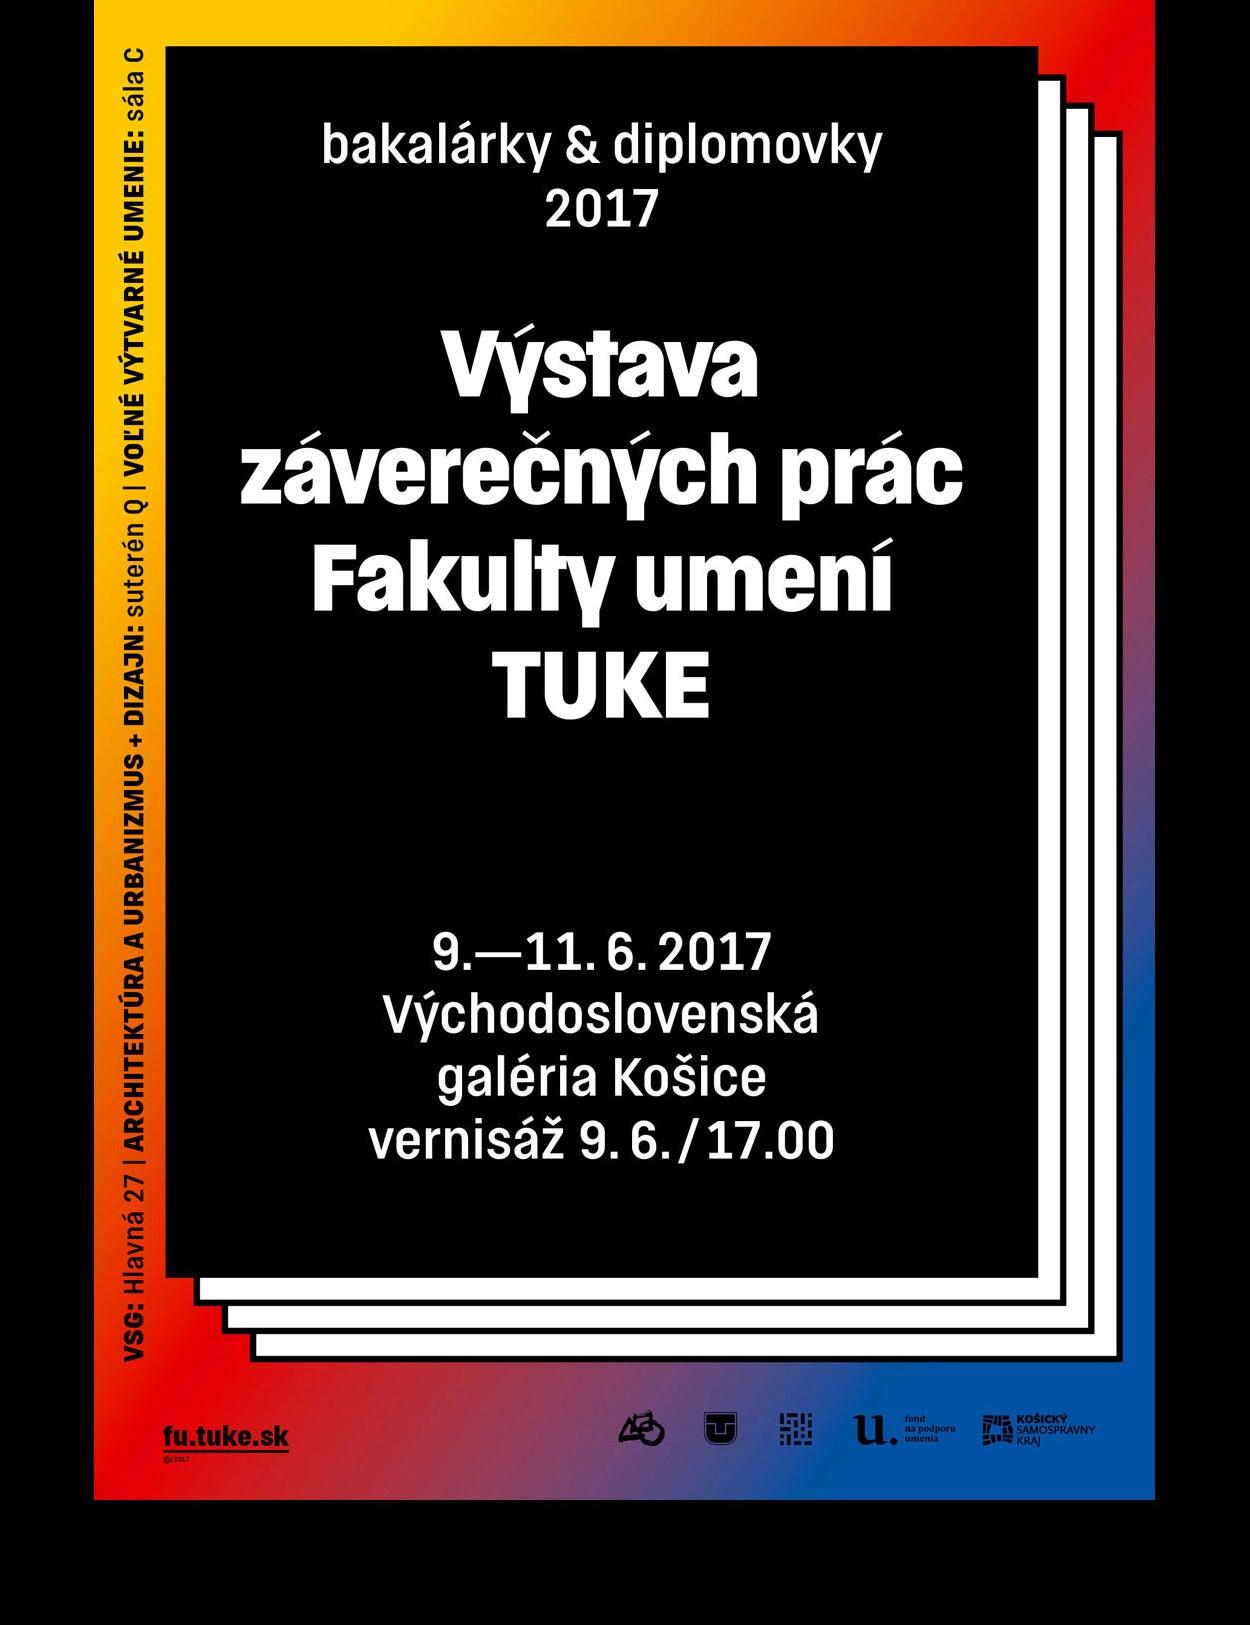 FU_Poster_02.jpg